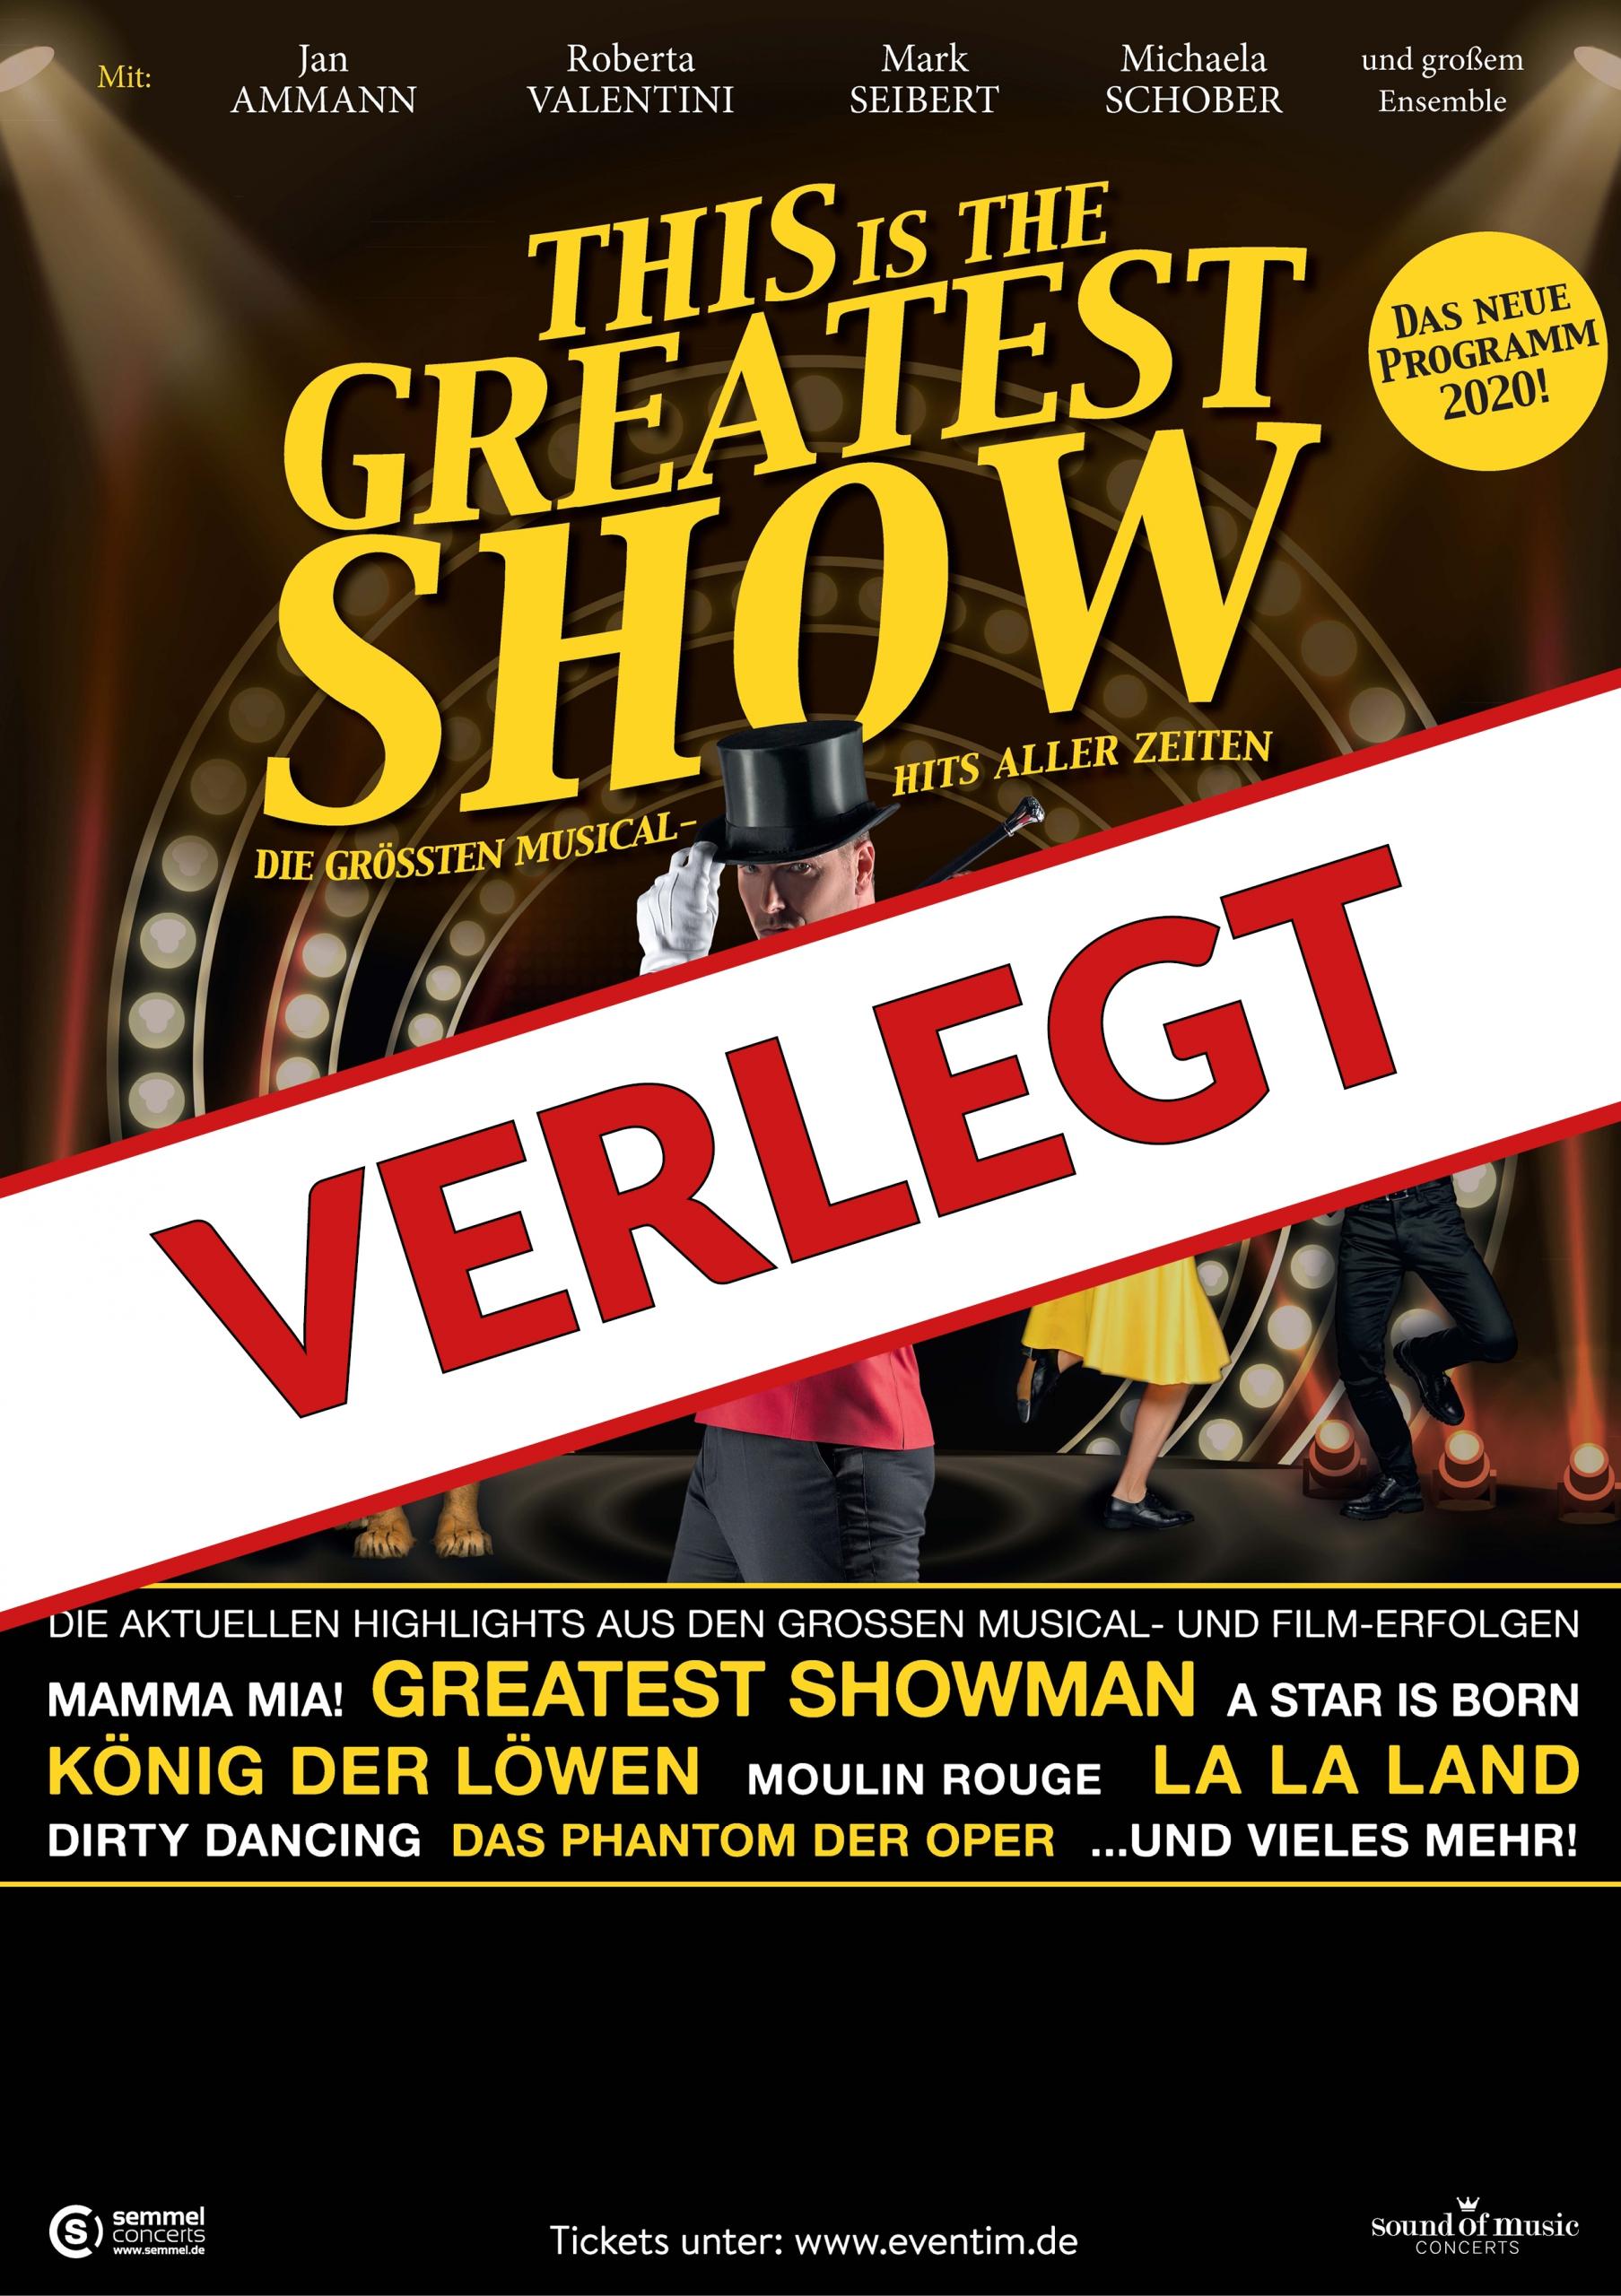 This is THE GREATEST SHOW – Die größten Musical Hits aller Zeiten – VERLEGT